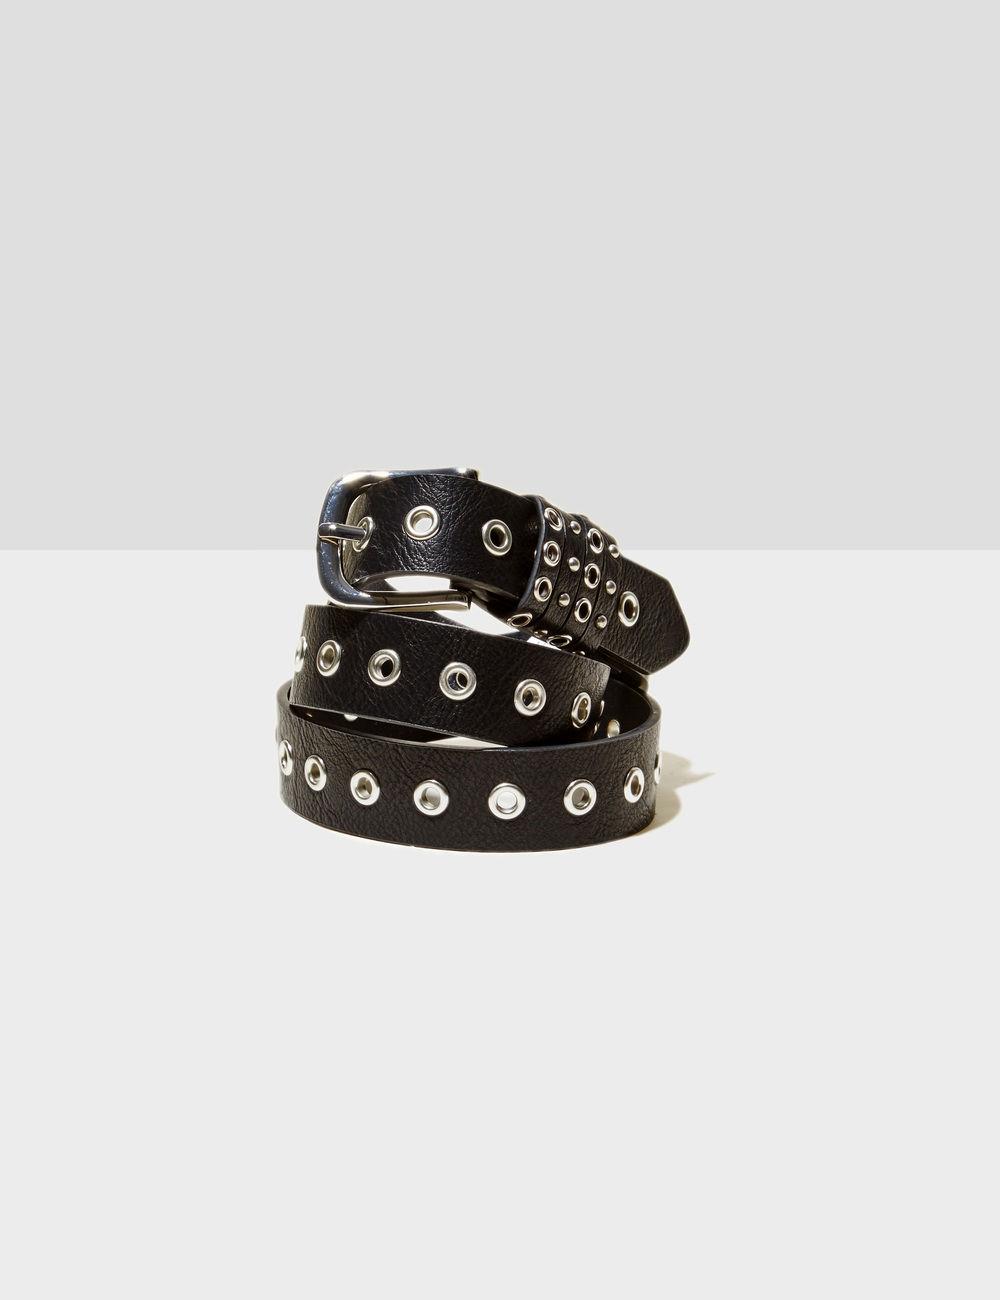 ceinture avec oeillets noire Jennyfer prix 9,99 €